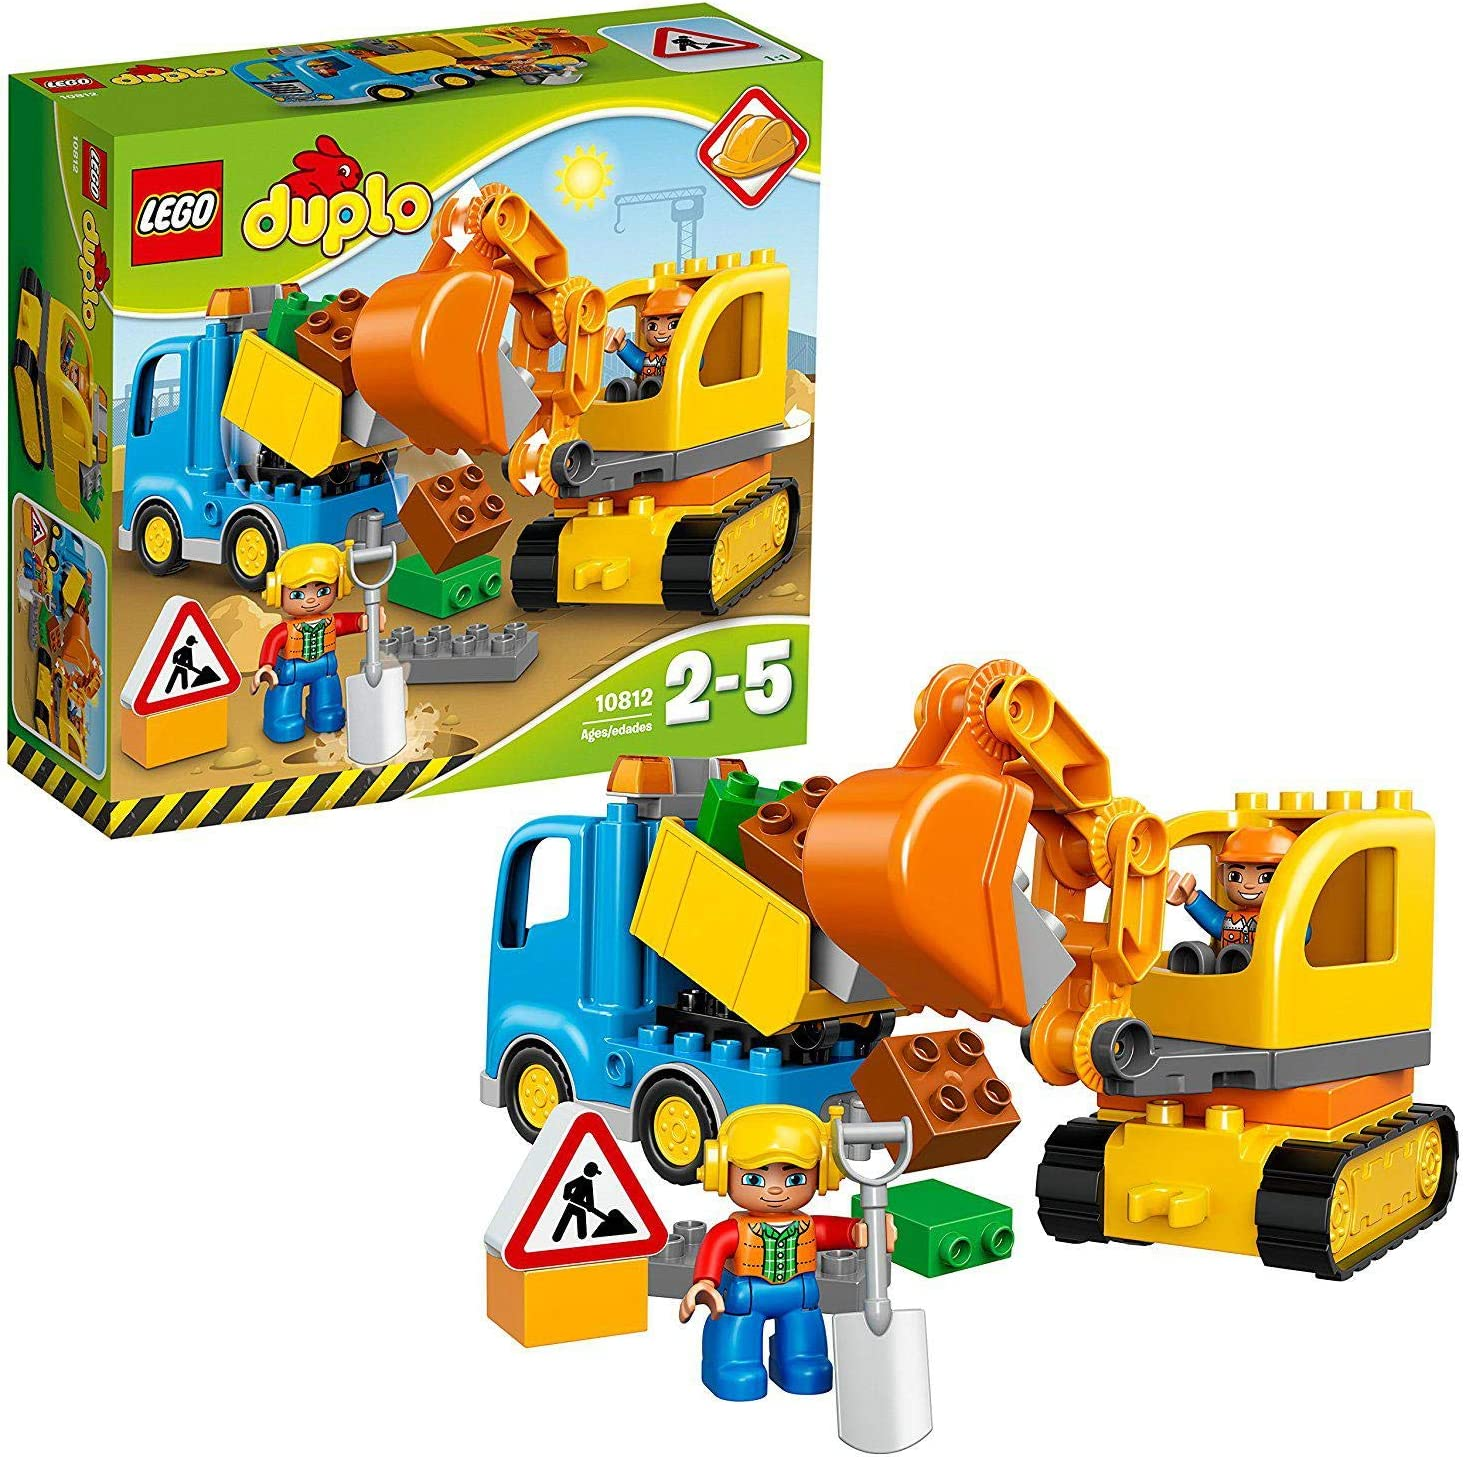 LEGO DUPLO - Ma ville, Camion et pelleteuse - 10812